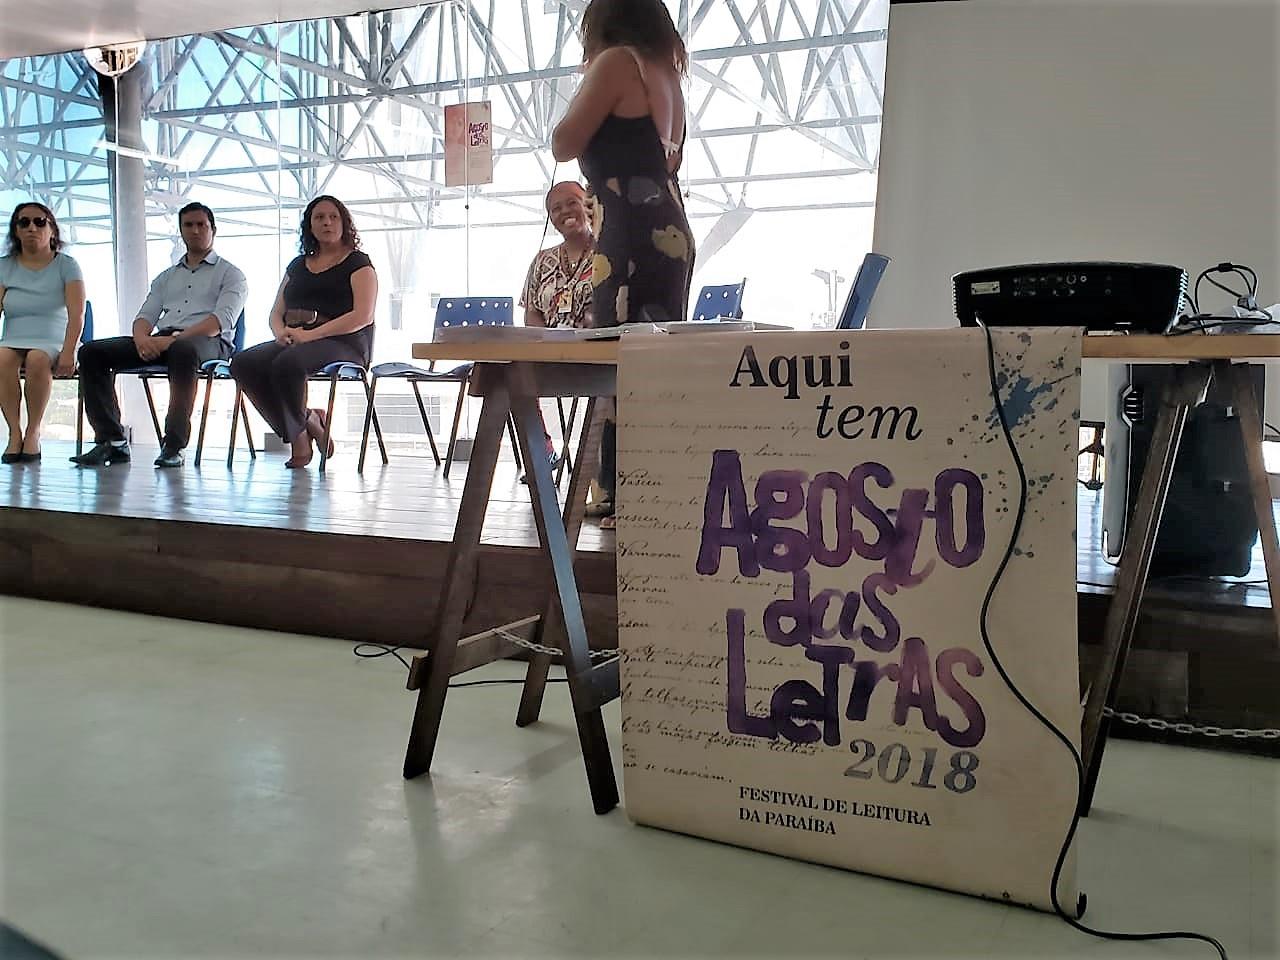 """Descrição da imagem: foto de quatro pessoas sentadas, olhando para uma mulher de pé. Ao lado direito há uma mesa com um cartaz escrito """"Aqui tem Agosto das Letras 2018 - Festival de Leitura da Paraíba"""""""